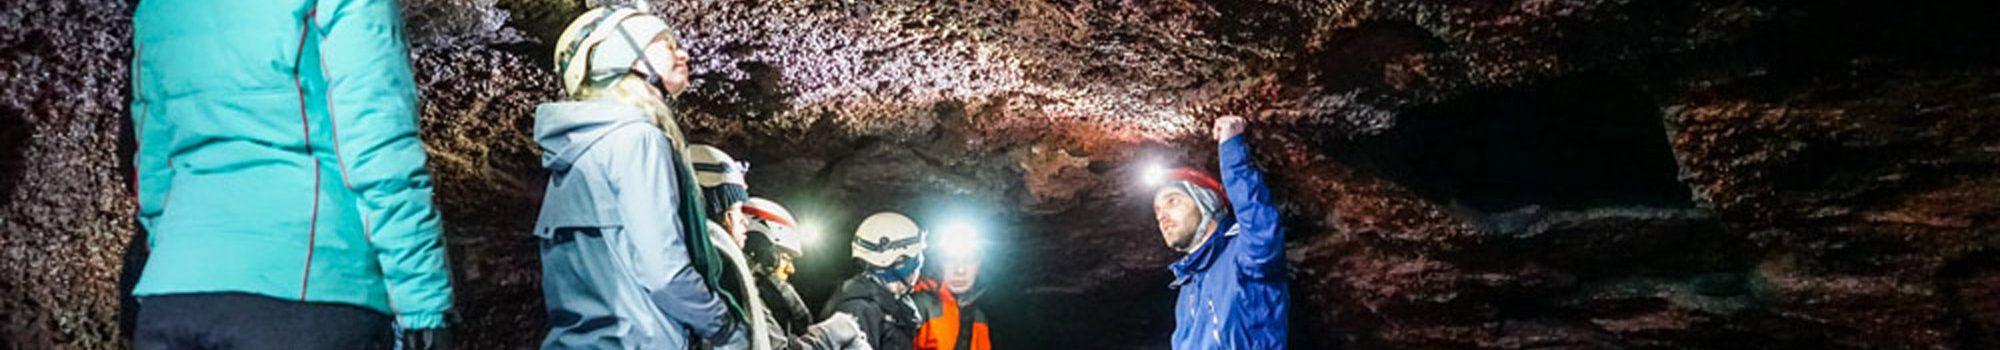 caving-horses-lava-cave